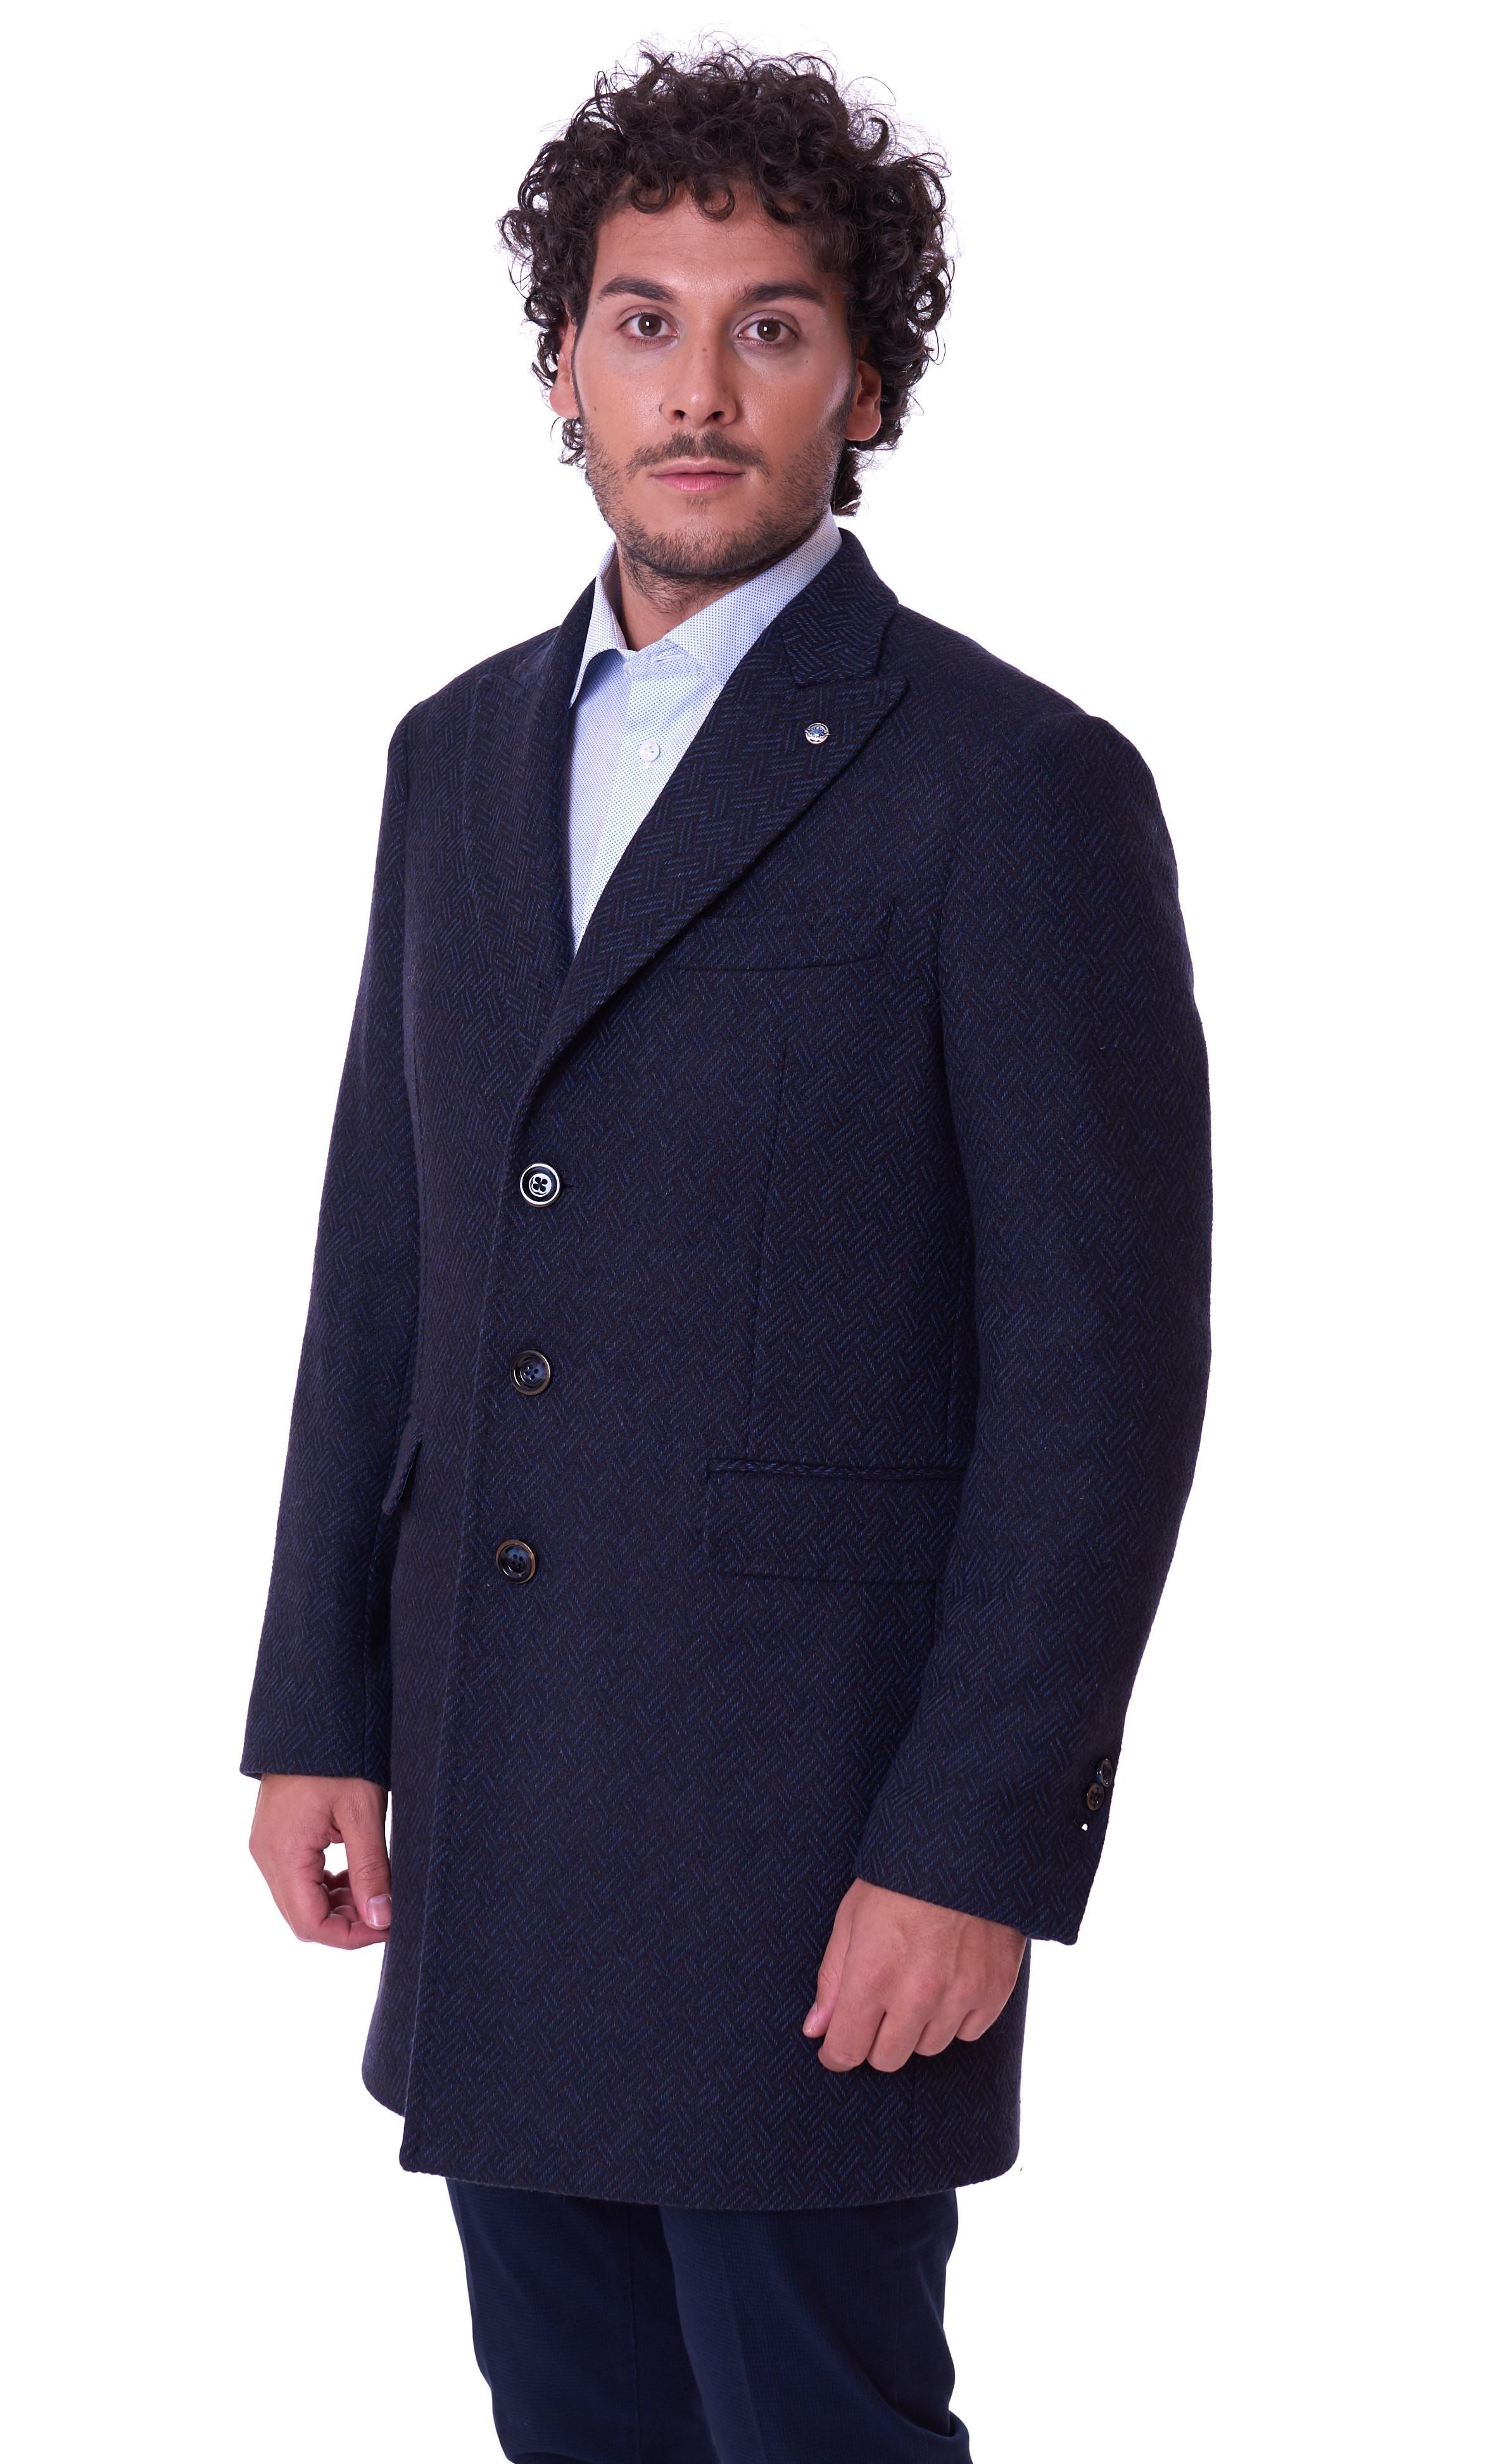 Monopetto Lancia A Cappotto Monopetto Lancia A Cappotto Cappotto 60faqX